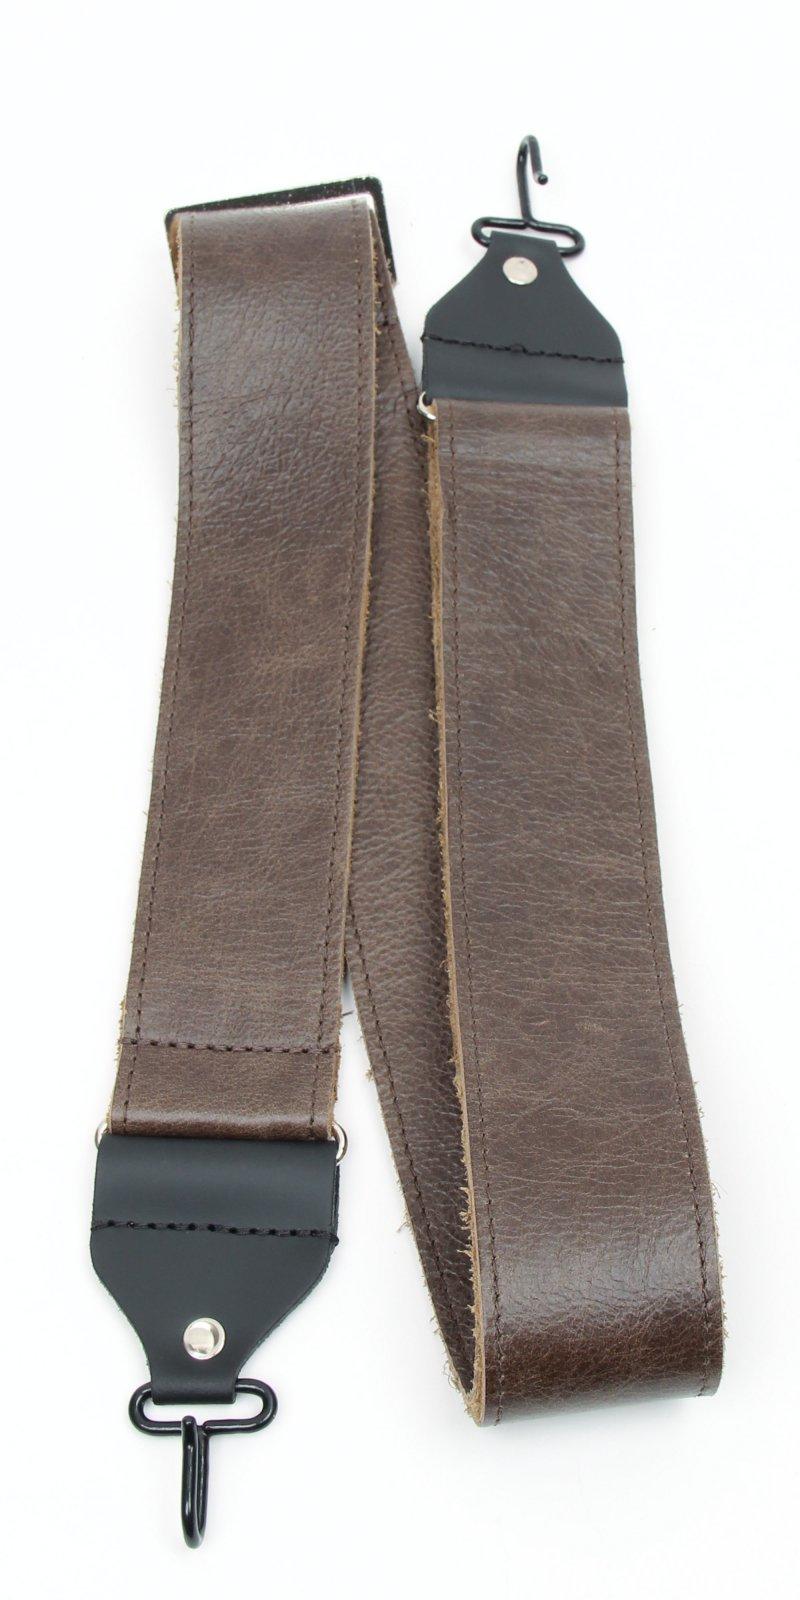 Henry Heller Banjo Strap Leather brown HBJCH-VBN